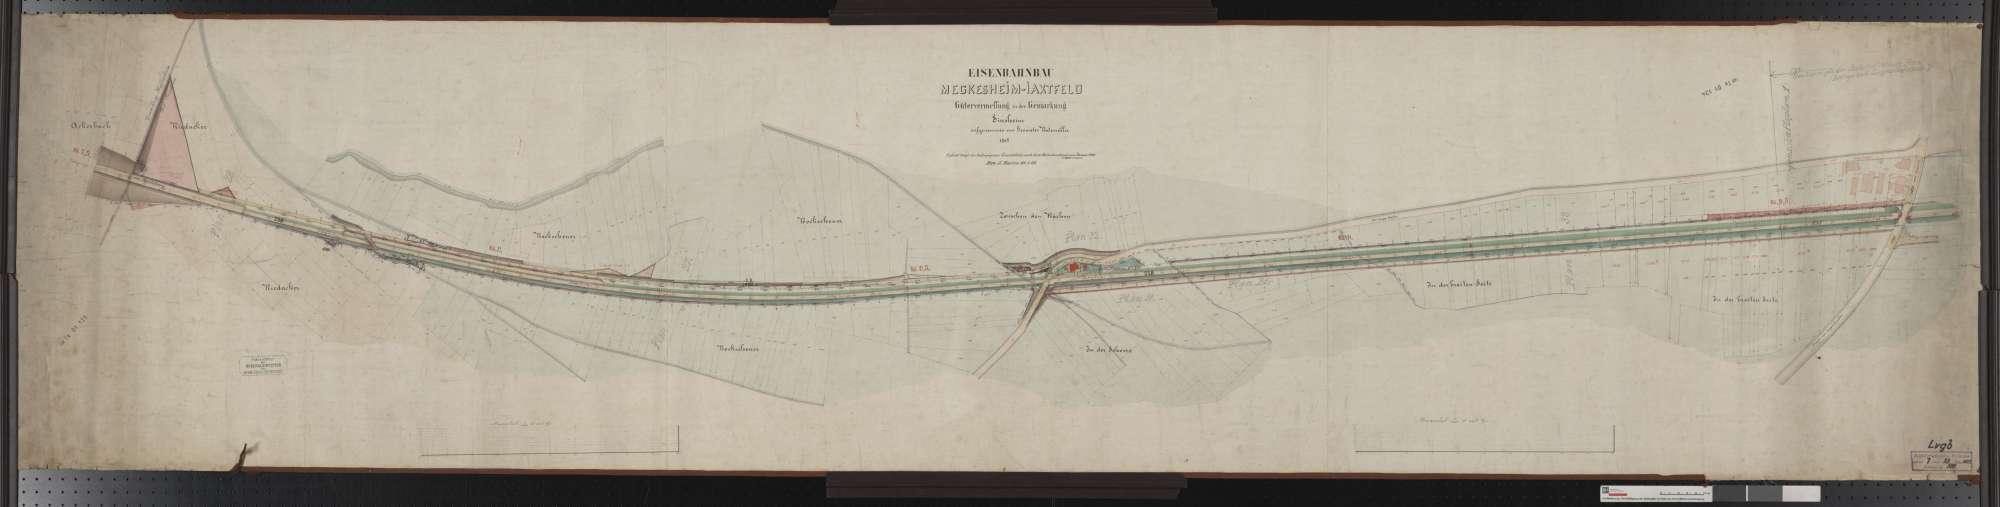 Gütervermessung der Bahn von Meckesheim bis Jagstfeld: Gemarkung Sinsheim Streckenausschnitt: 7,5 bis 9,7 km, Bild 1